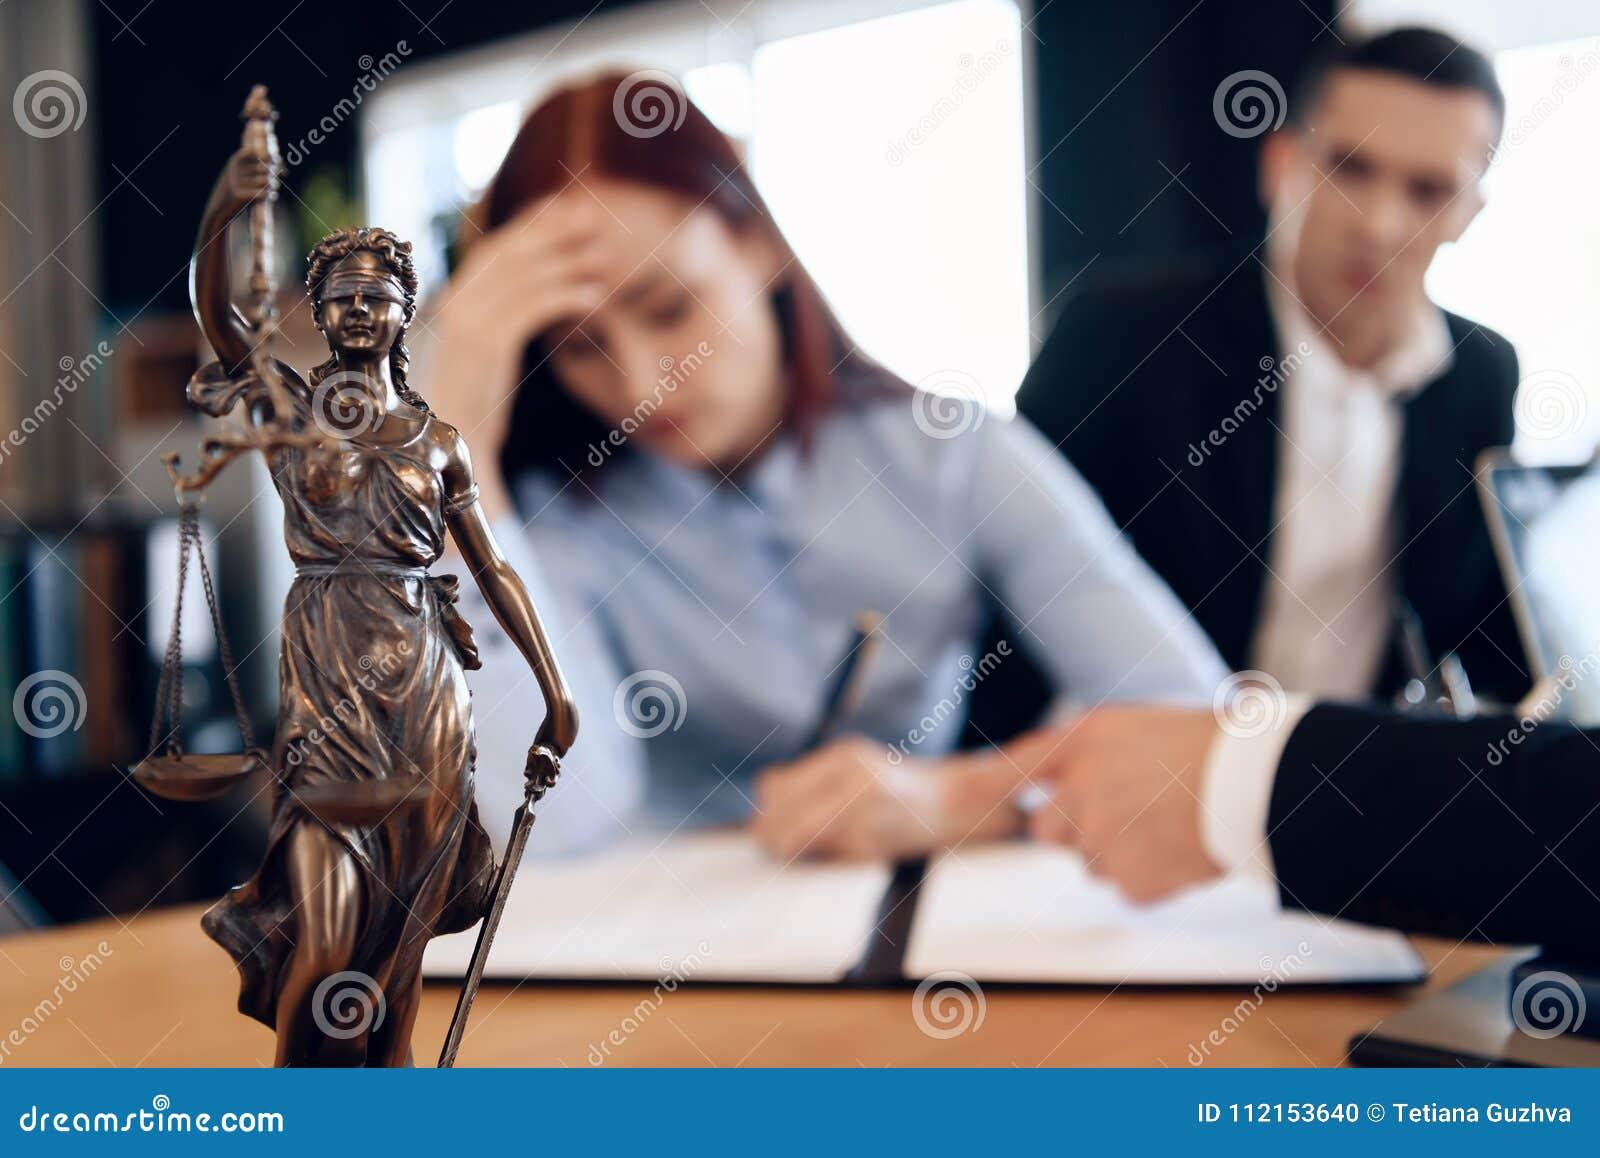 Bronzestatue von Themis hält Skalen von Gerechtigkeit In unfocused Hintergrund unterzeichnet Paar Dokumente